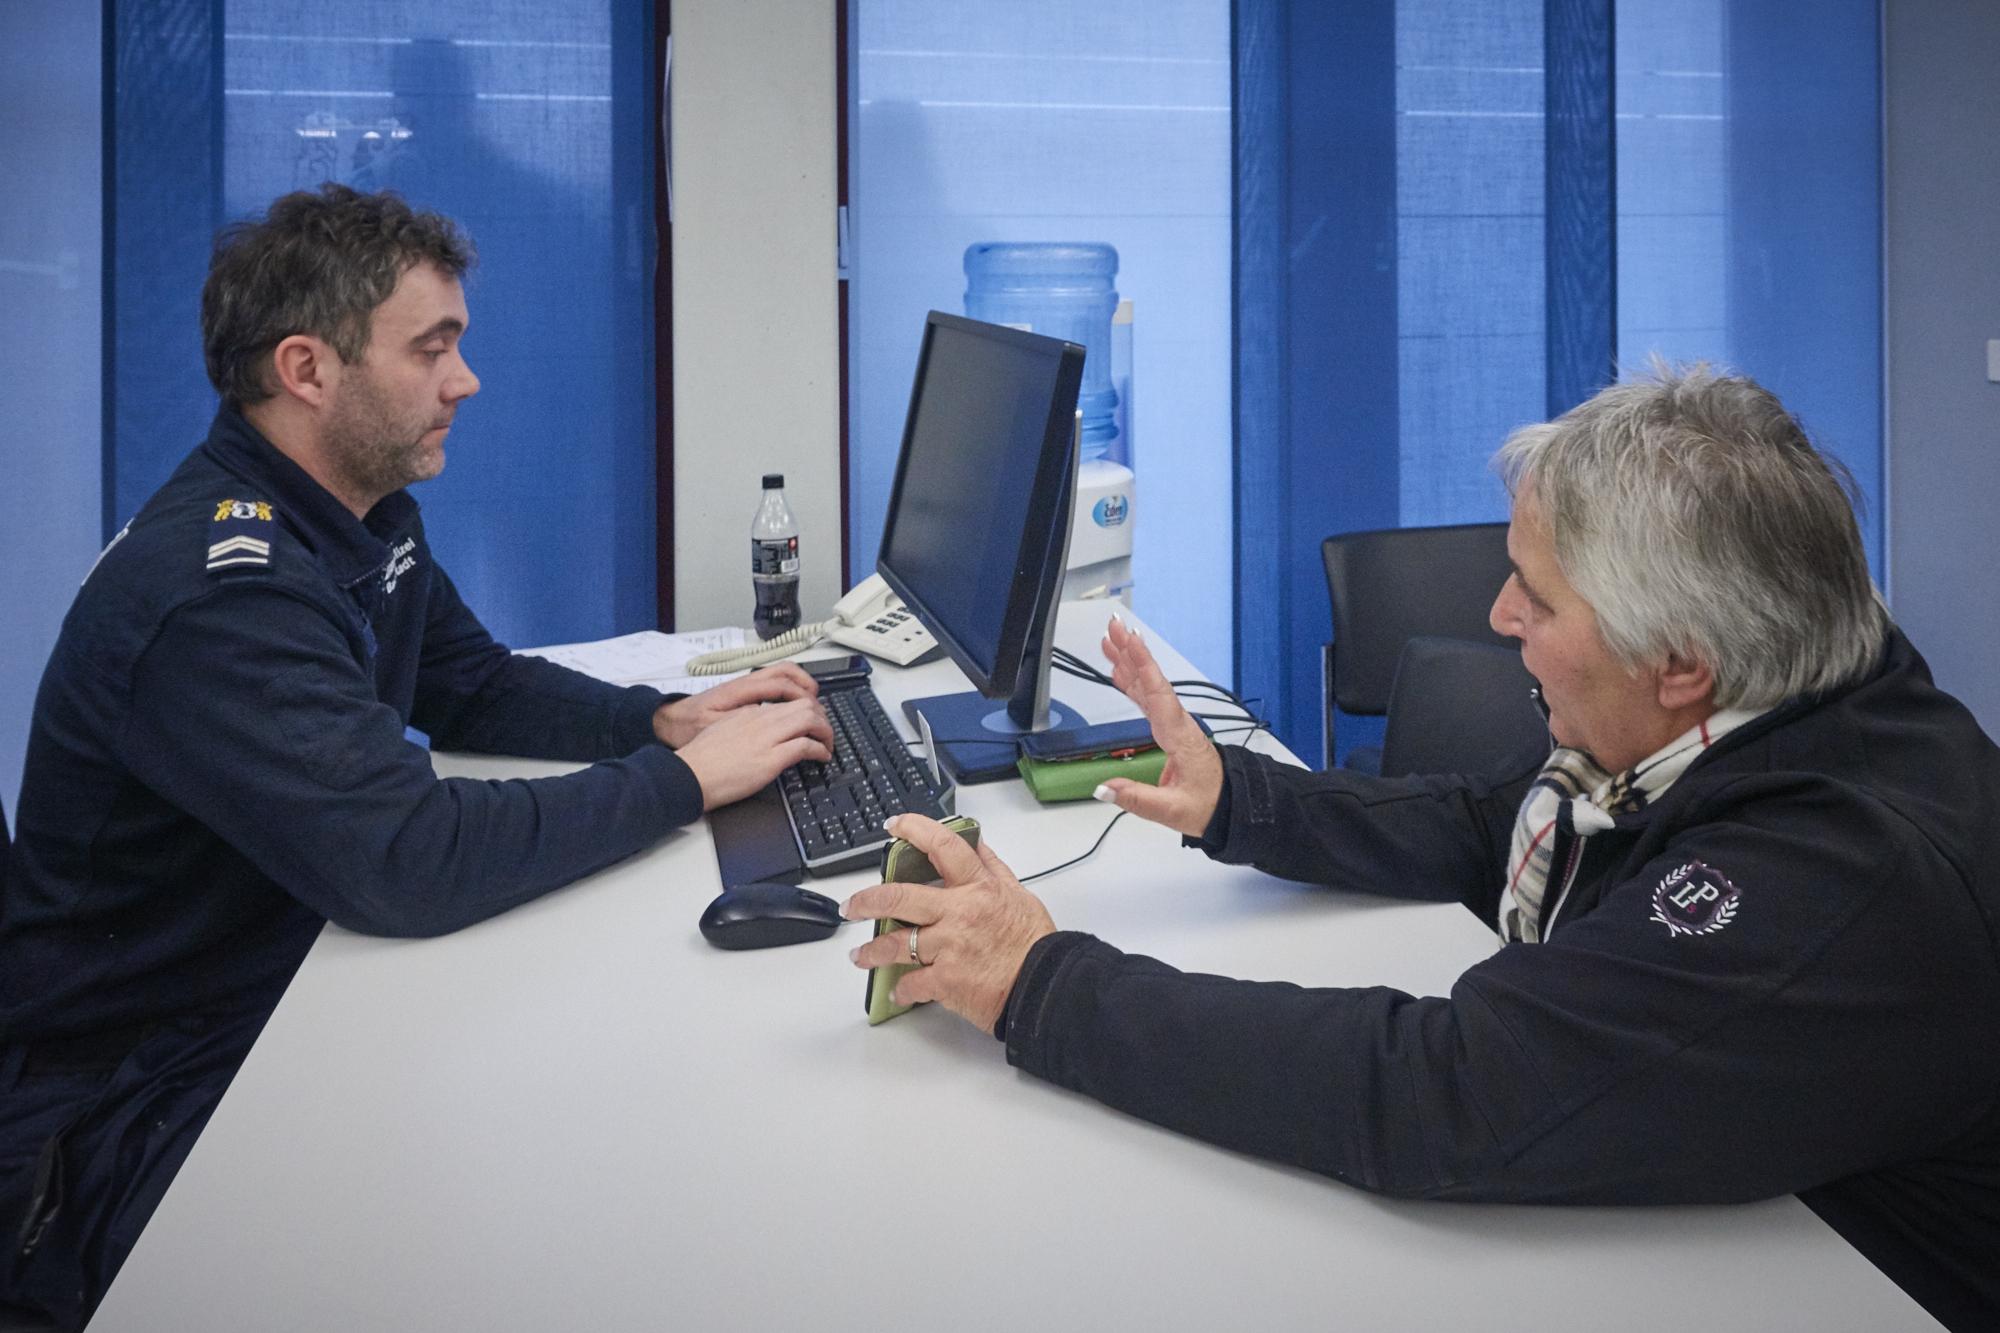 Rita Schatner zeigt dem Polizisten die Kennzeichen der gesichteten Uber-Fahrer. Ob es nützen wird, bleibt abzuwarten.